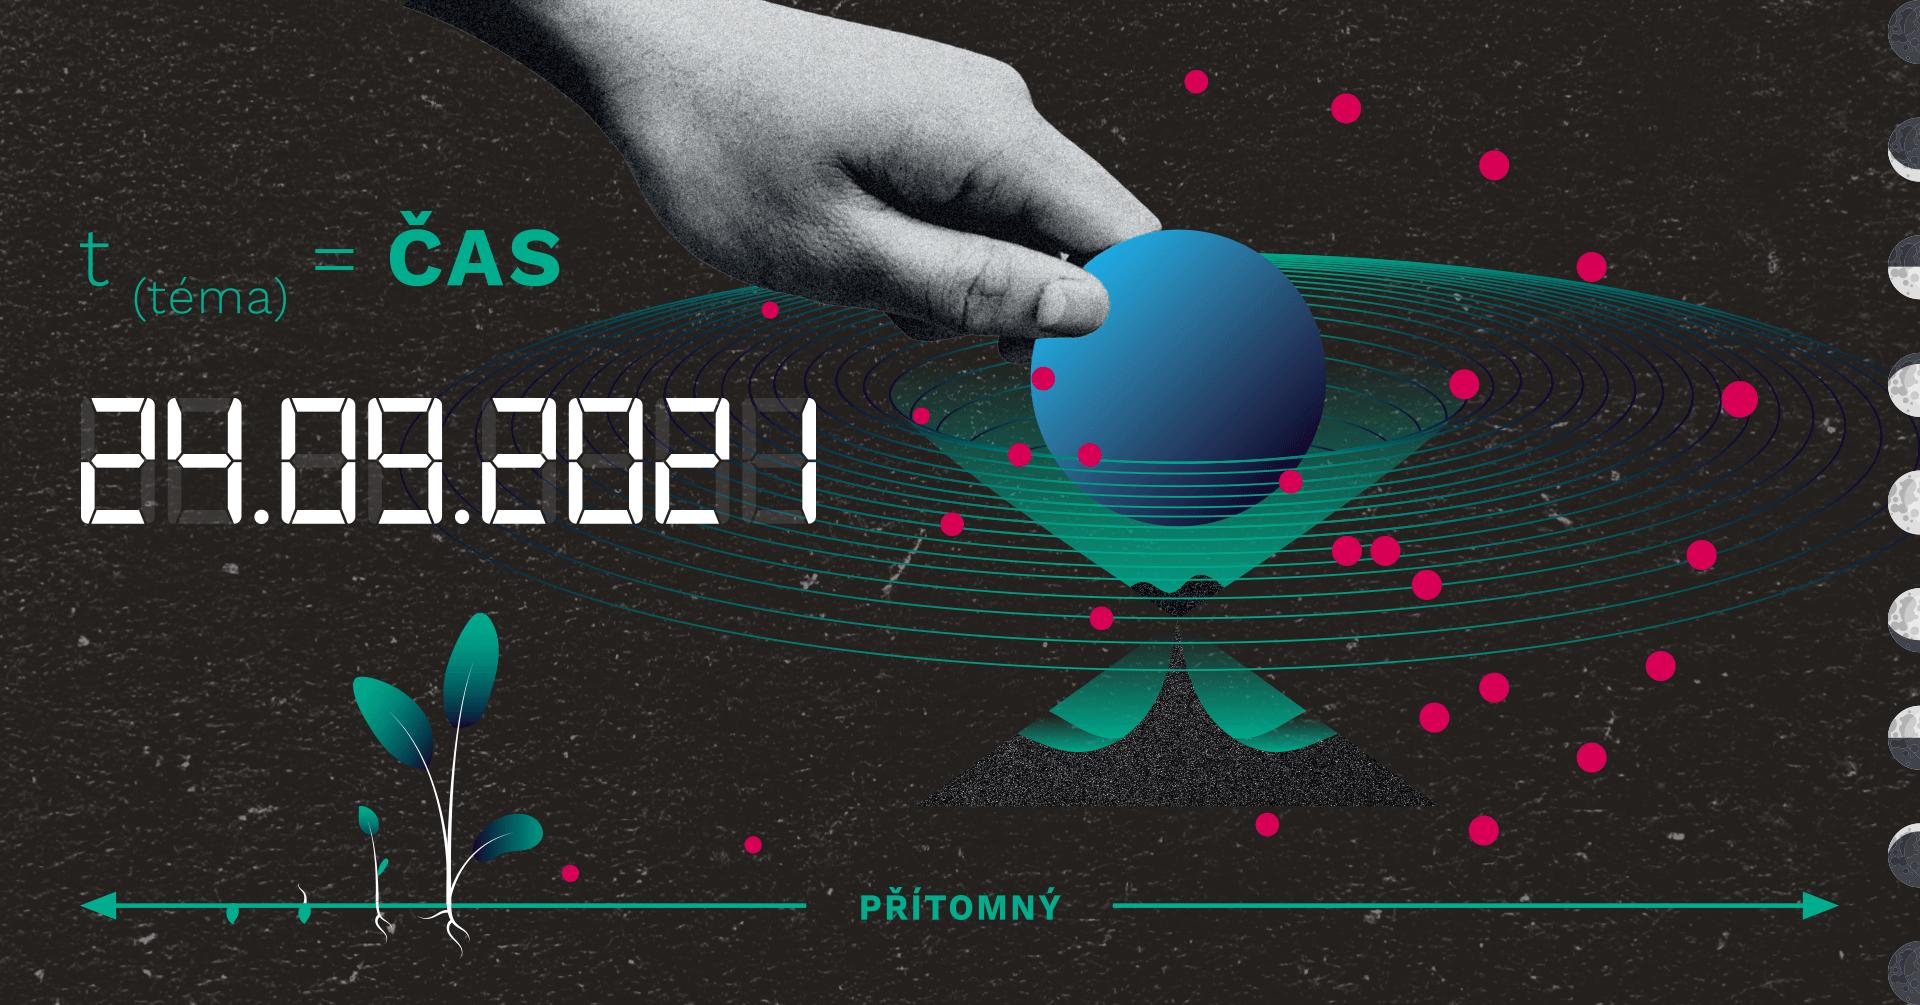 """Téma Noci vědců 2021 je """"čas"""". Zdroj: NocVedcu.cz"""